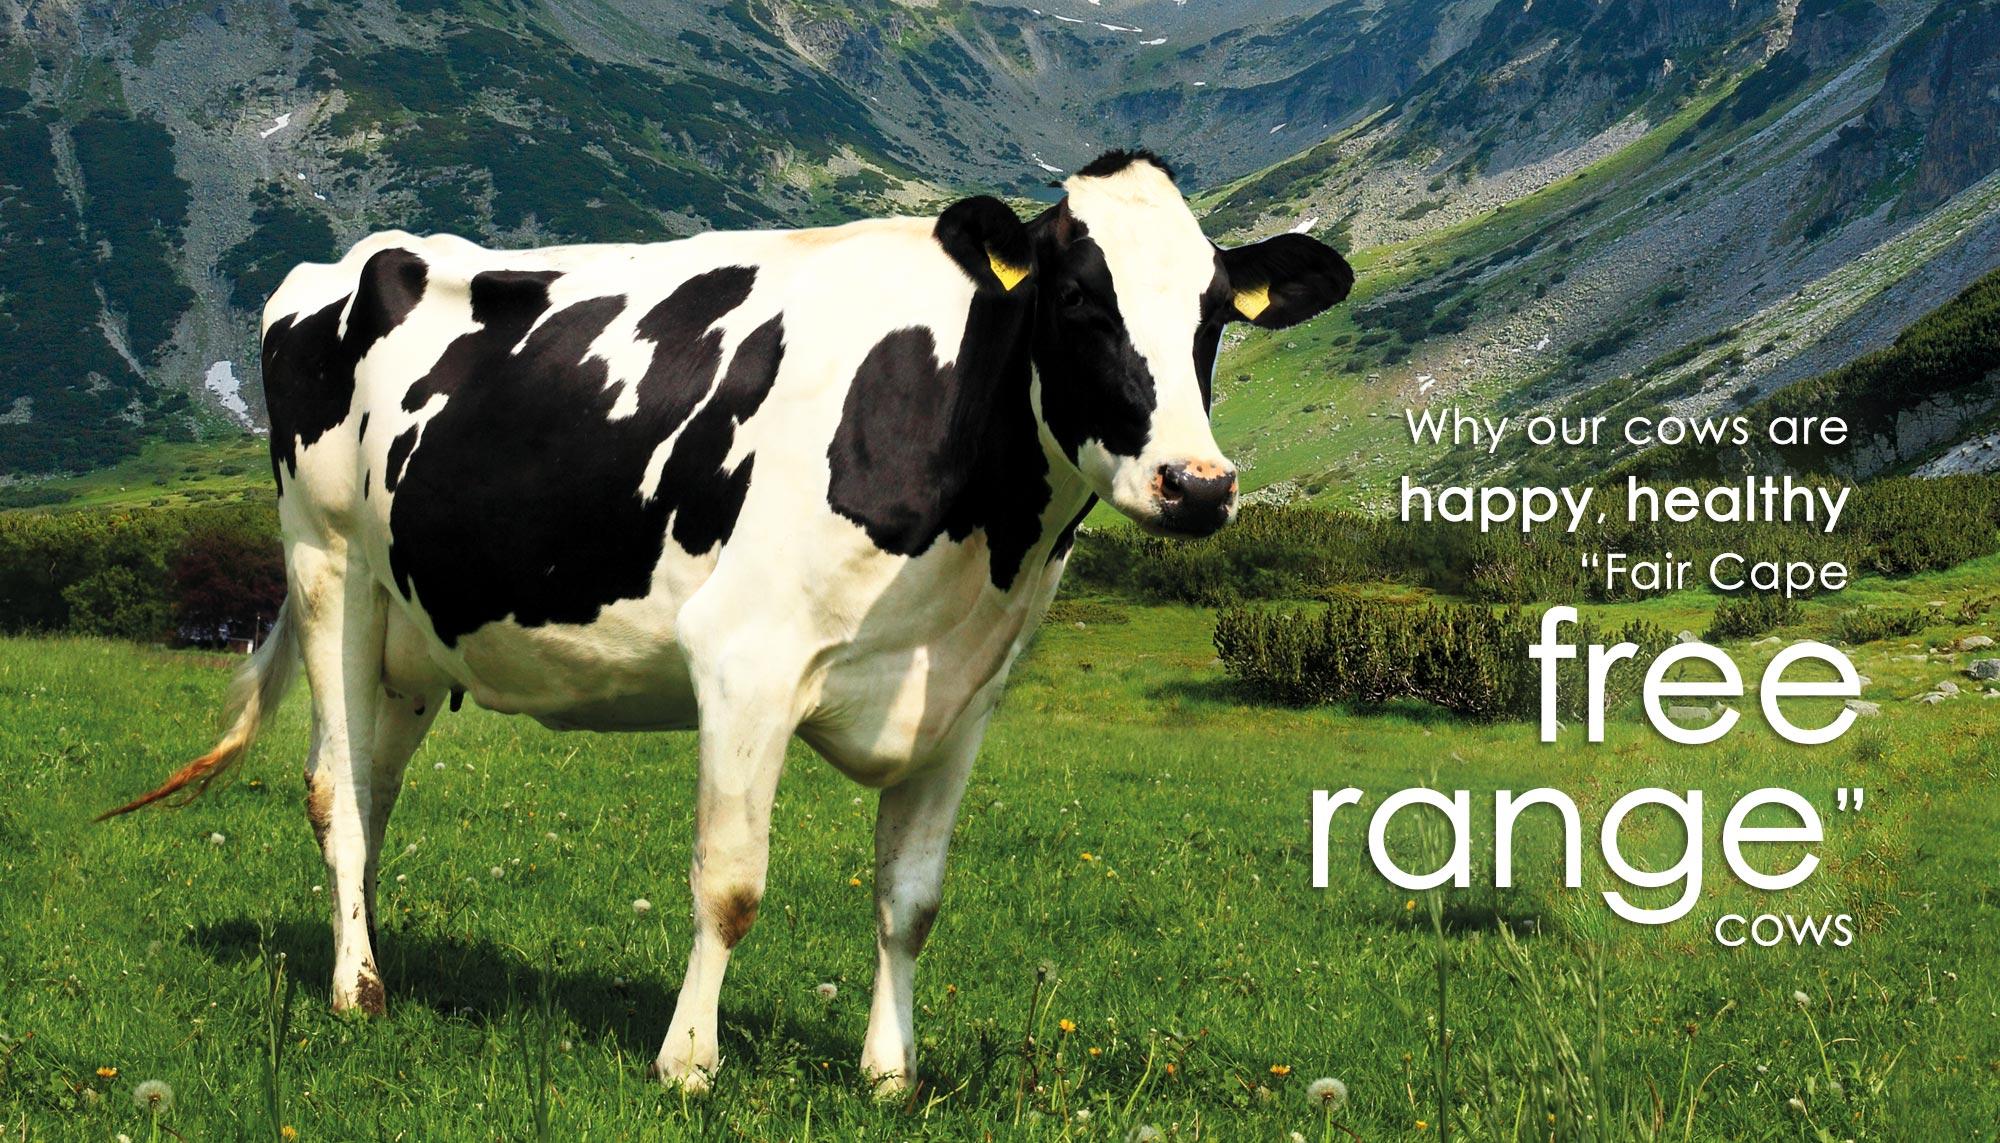 Fair Cape Free Range Cow